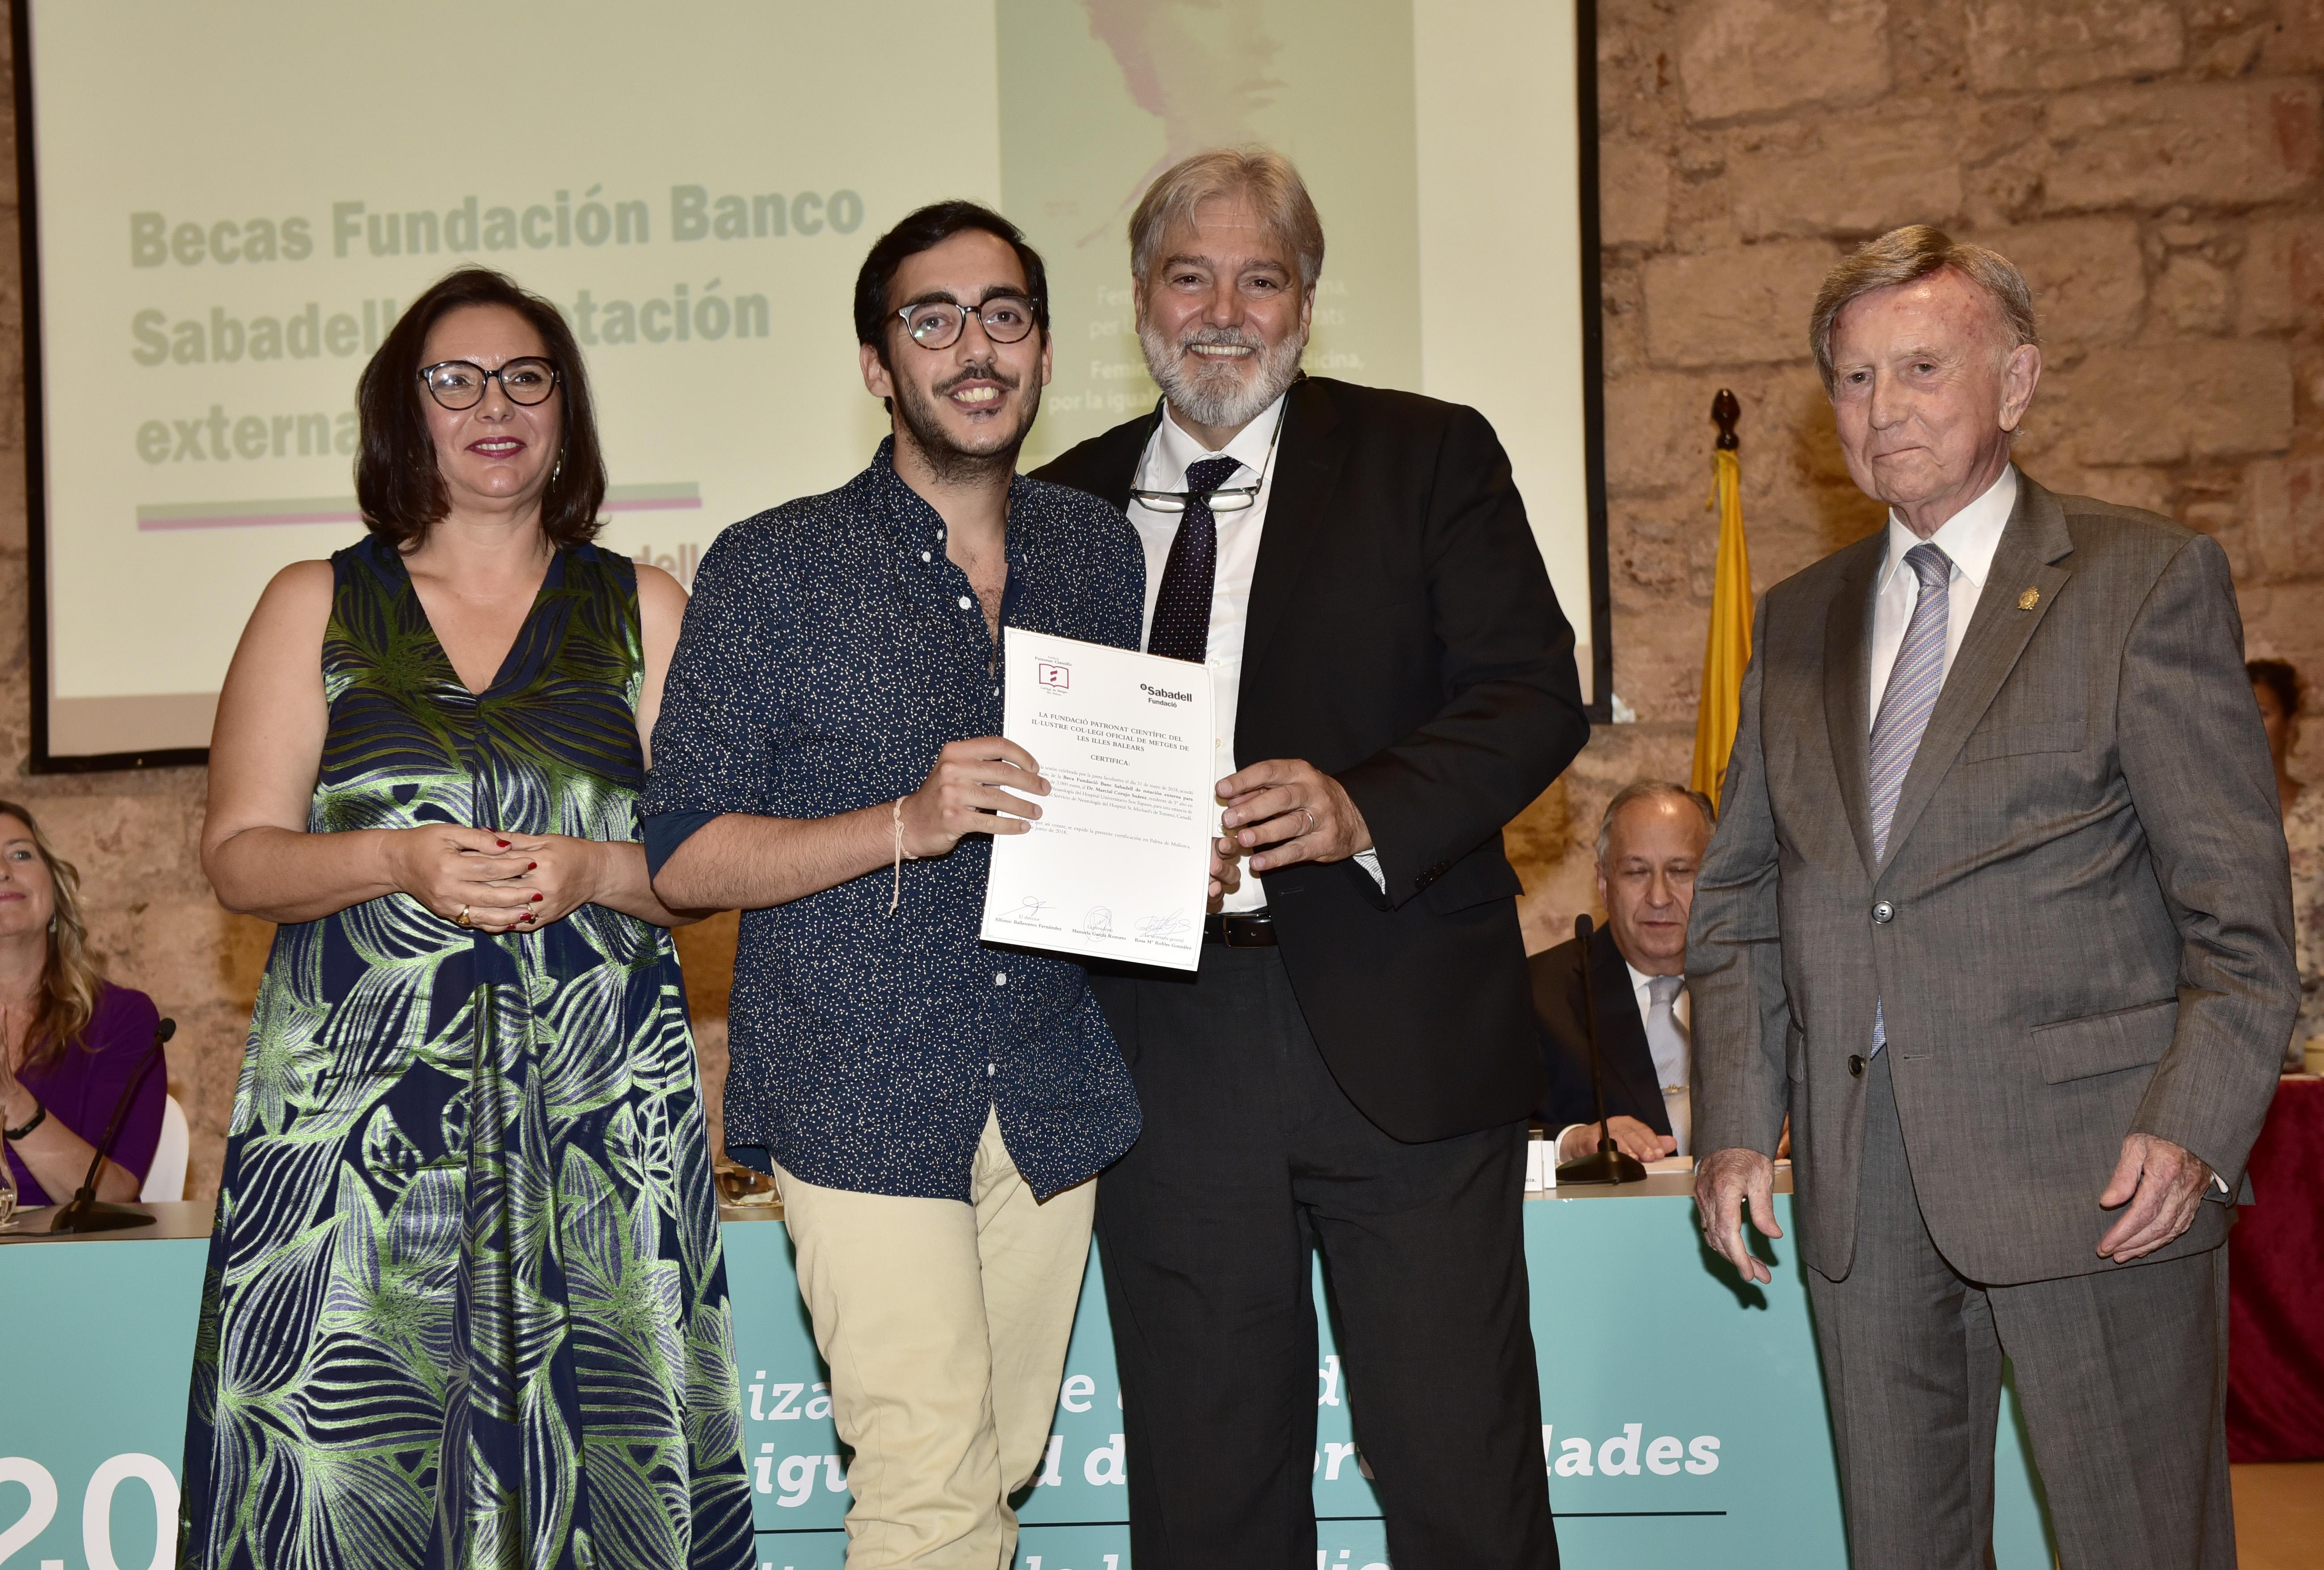 Beca Sabadell Marcial Corujo